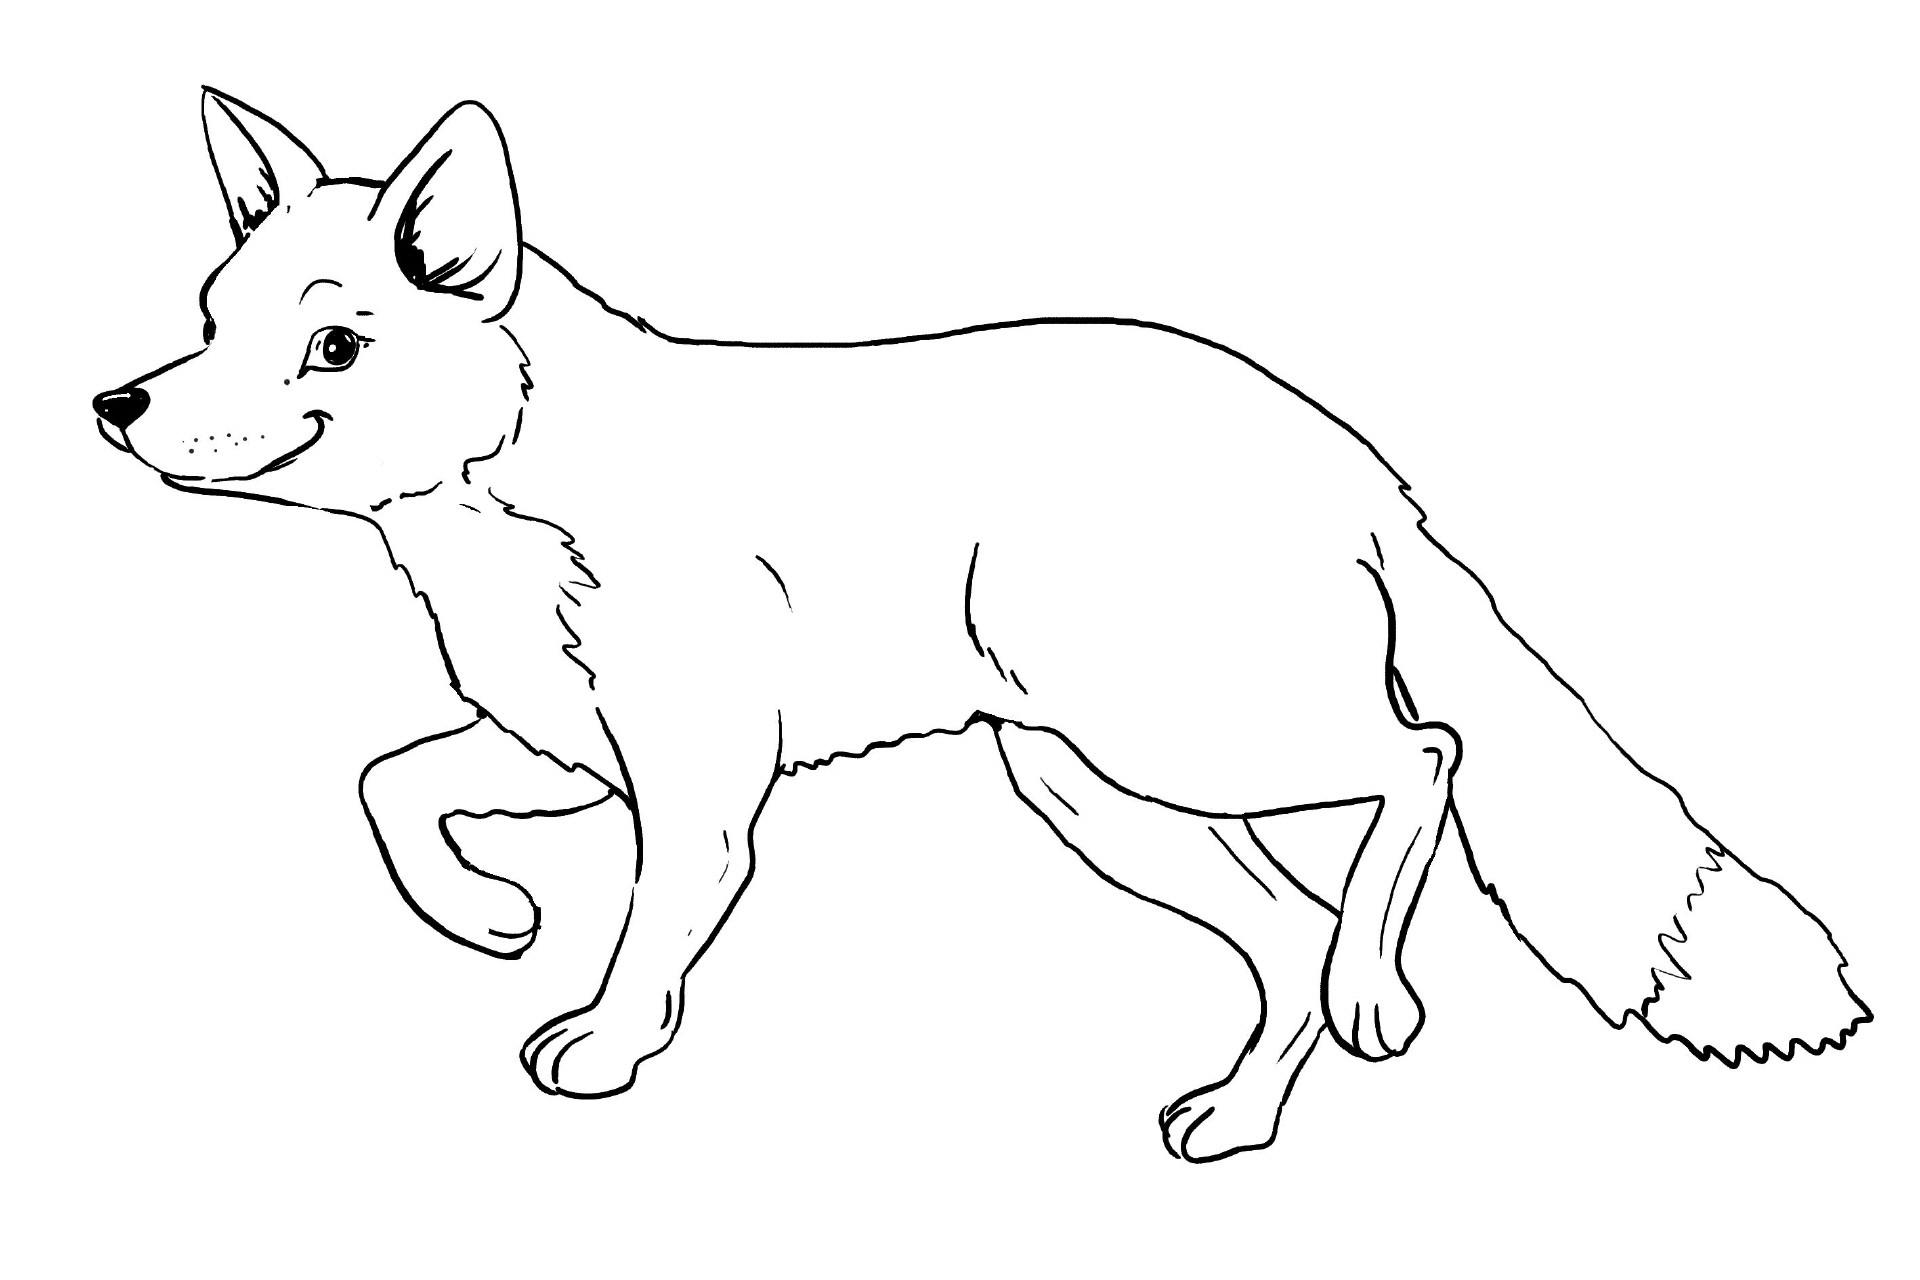 Malvorlagen Fuchs  Ausmalbilder fuchs kostenlos Malvorlagen zum ausdrucken